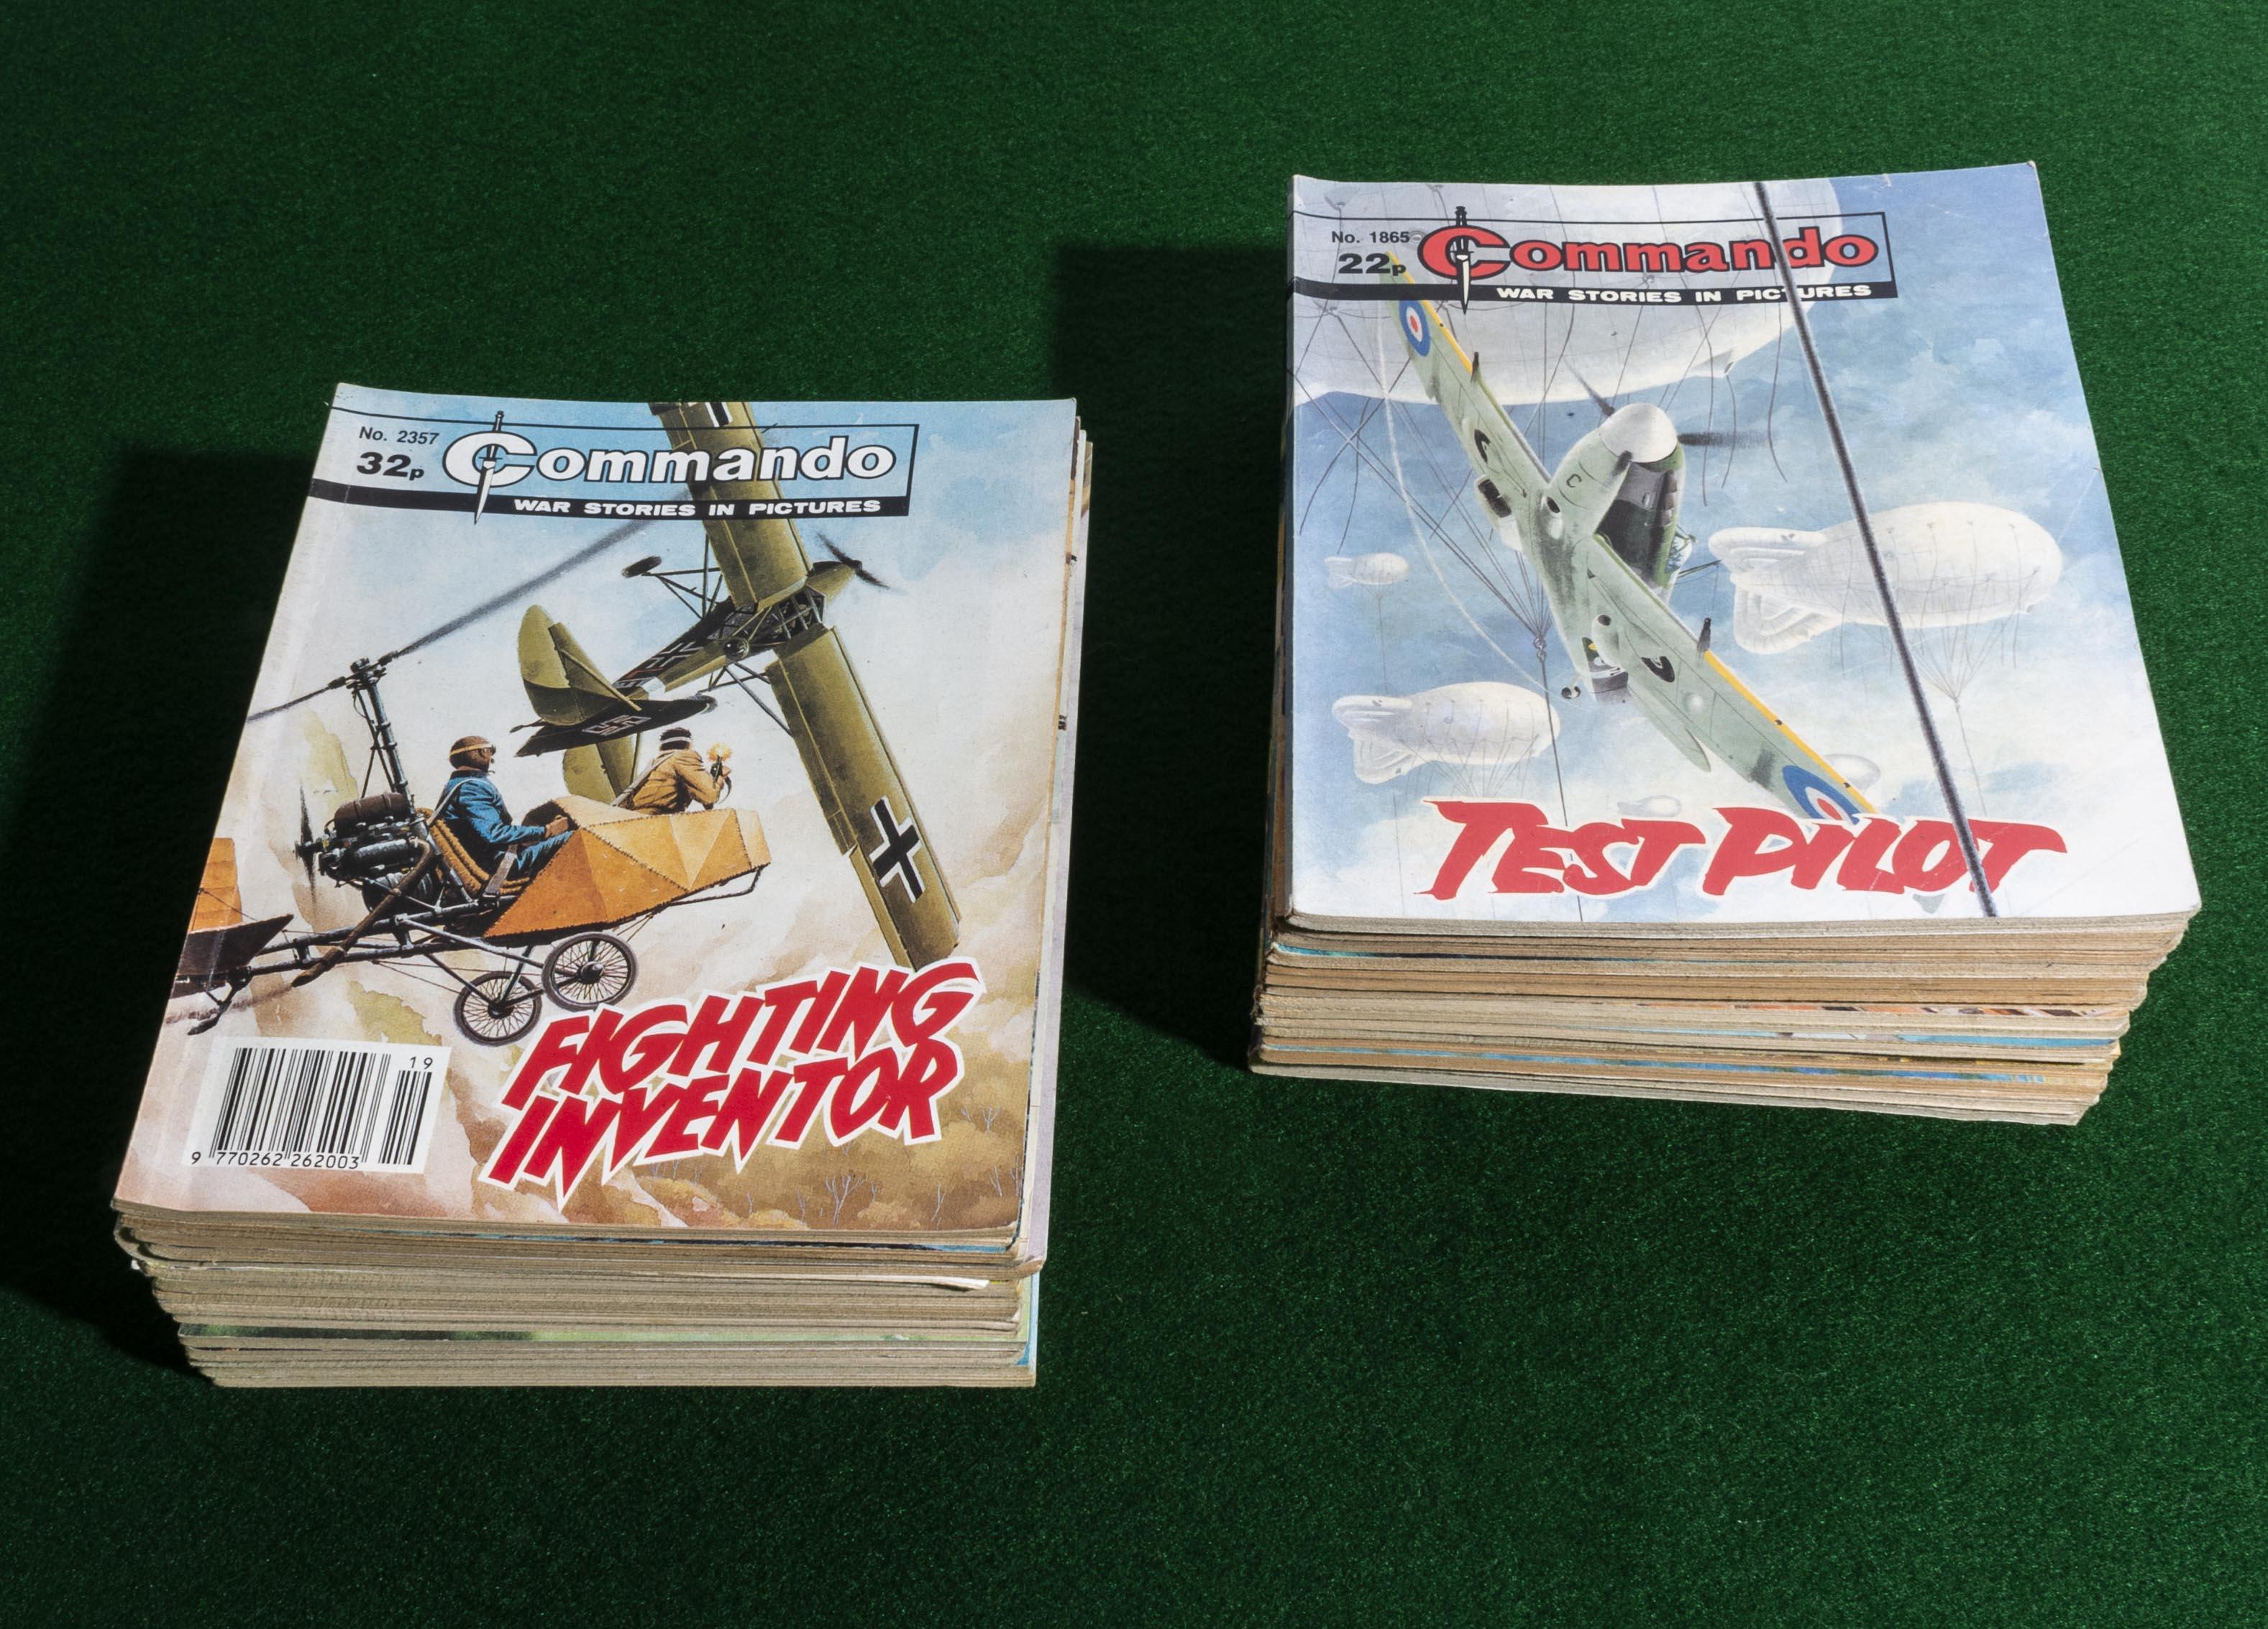 Lot 15 - 30 Commando comic books 1985/90